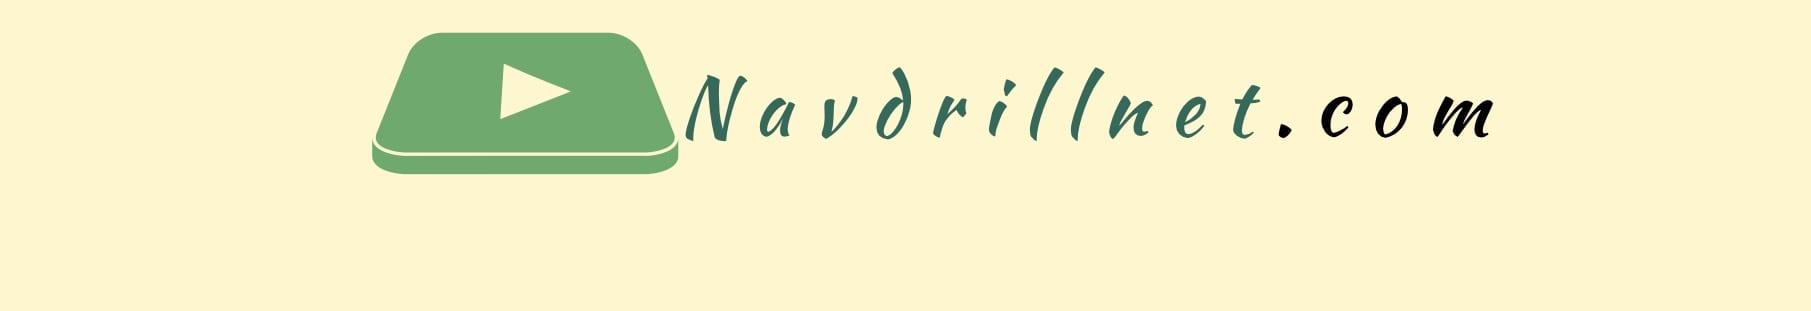 Navdrillnet